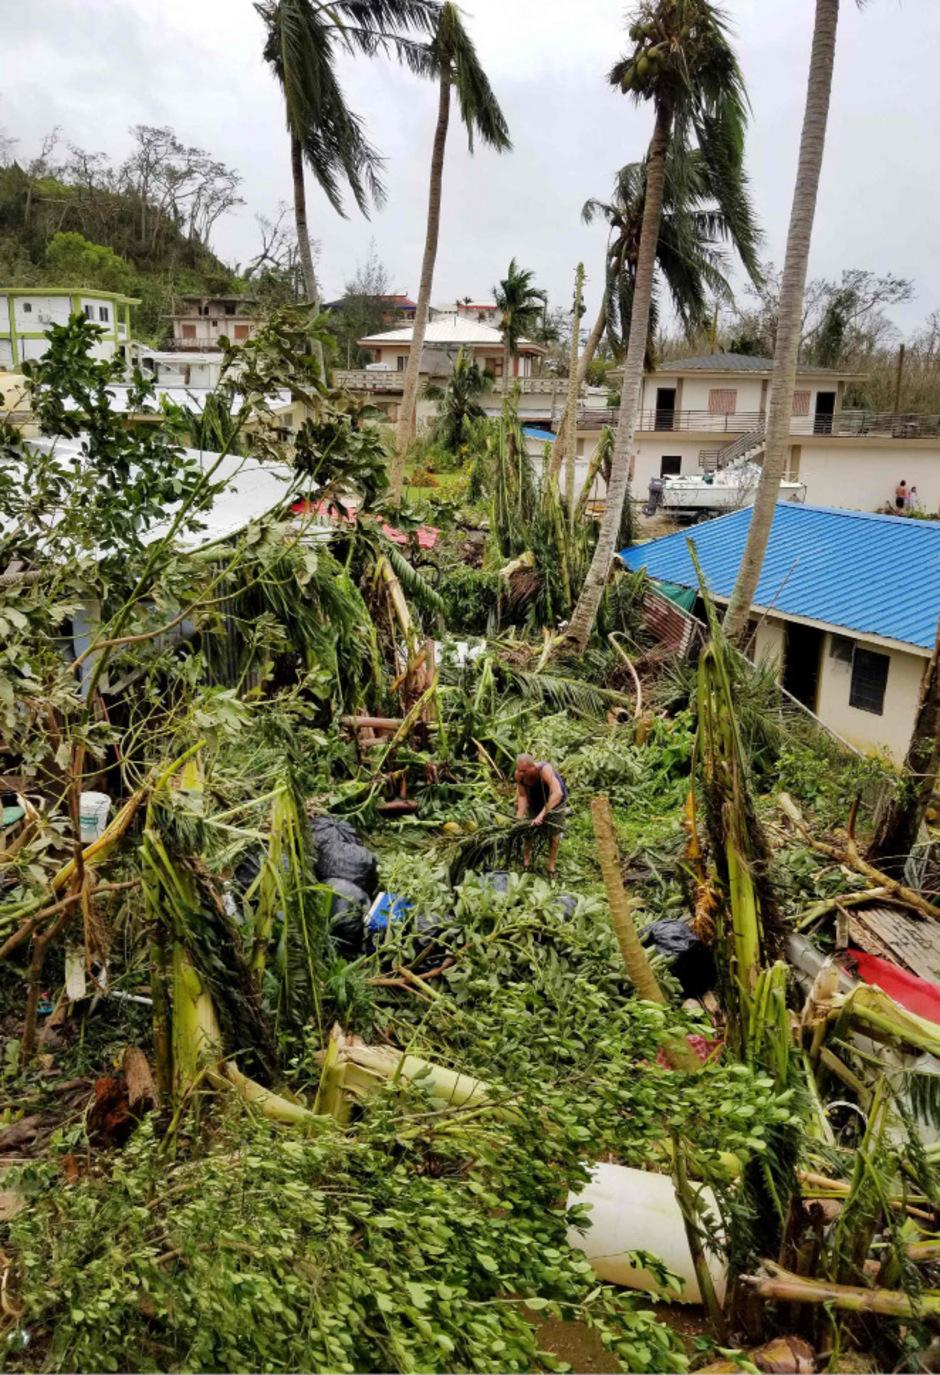 """Taifun """"Yutu"""" wirbelt derzeit mit Böen von bis zu 245 Kilometer pro Stunde im Pazifik. Die nördlichen Marianen wurden bereits getroffen."""